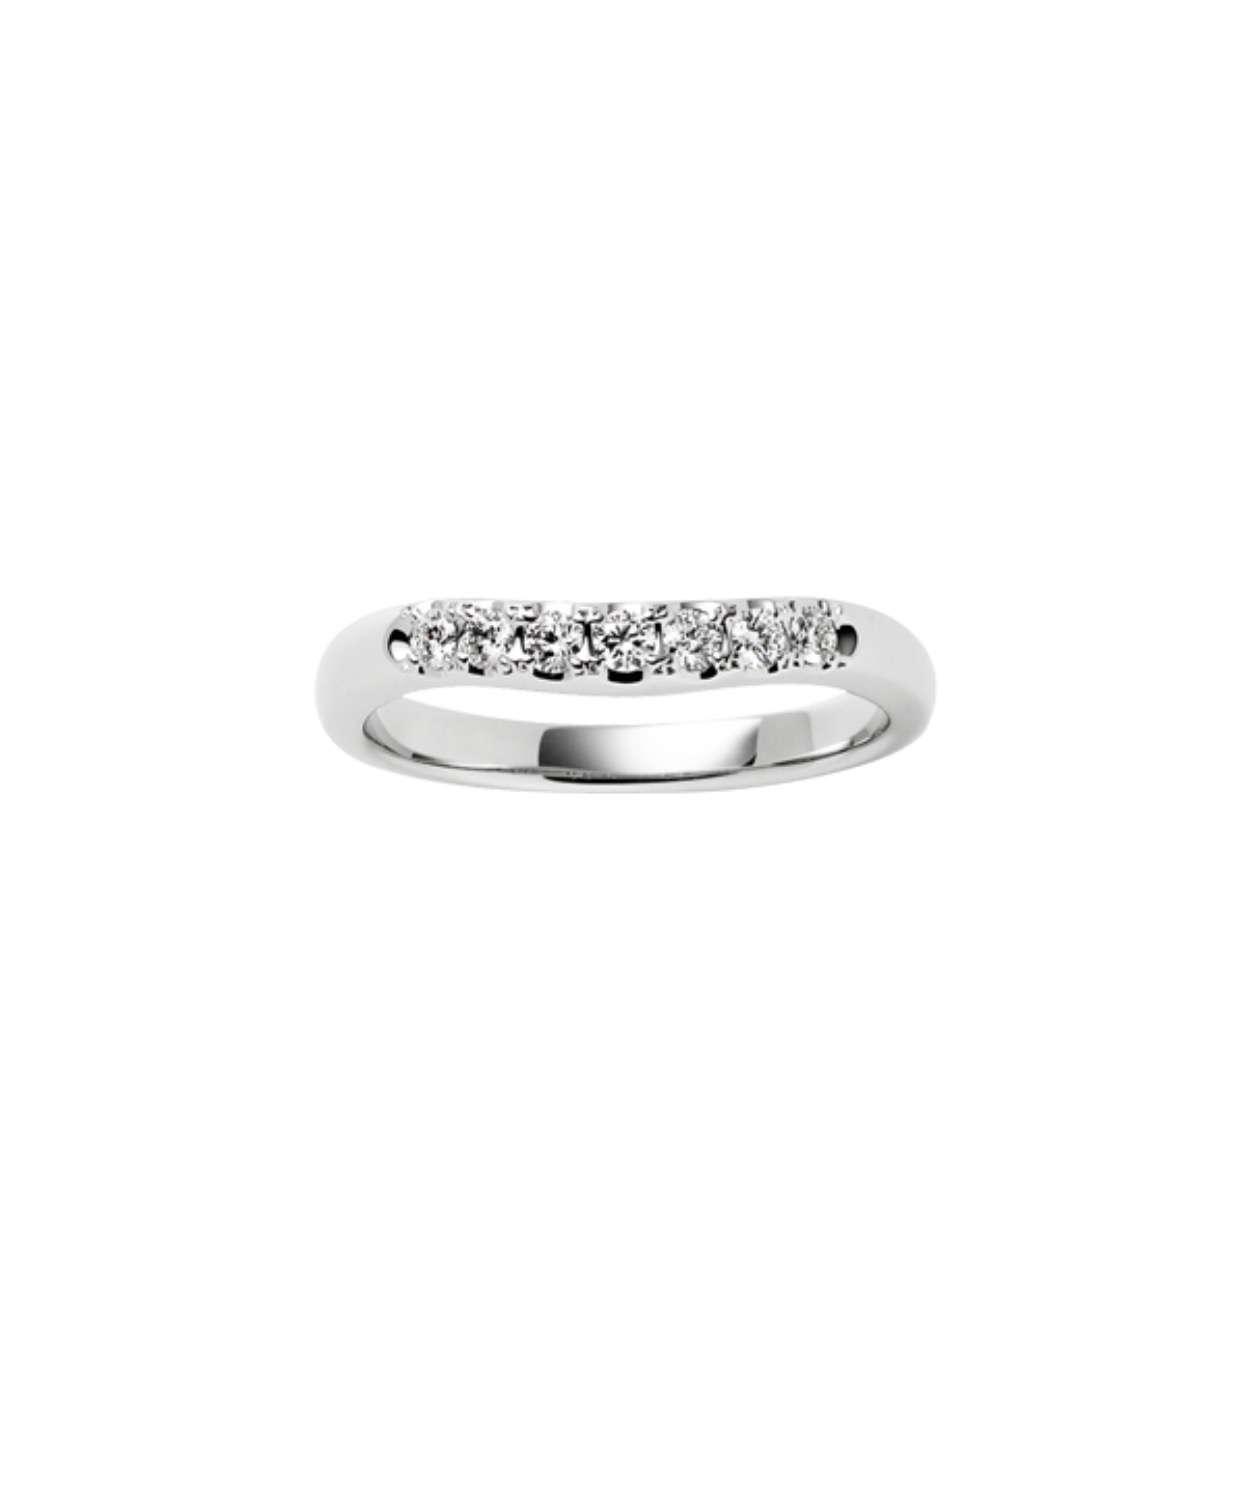 結婚指輪どうなってますか?